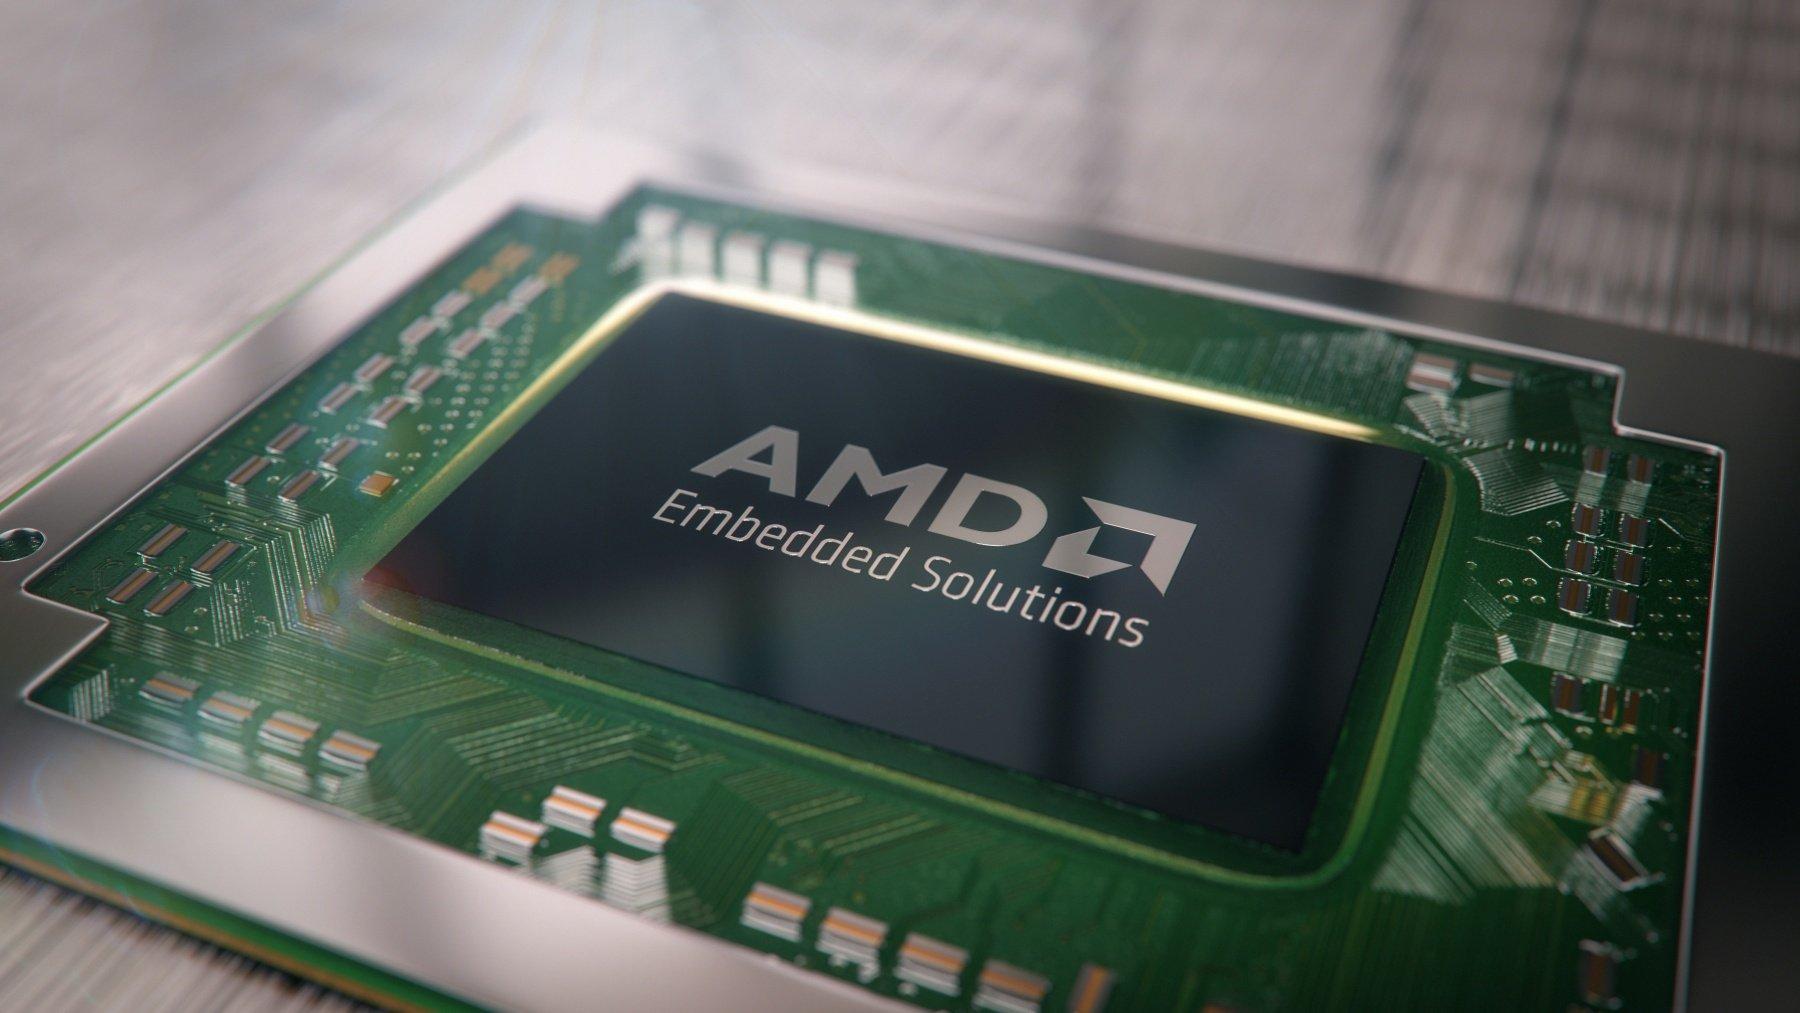 تعرف علي أنواع معالجات AMD و ما هي أفضلها